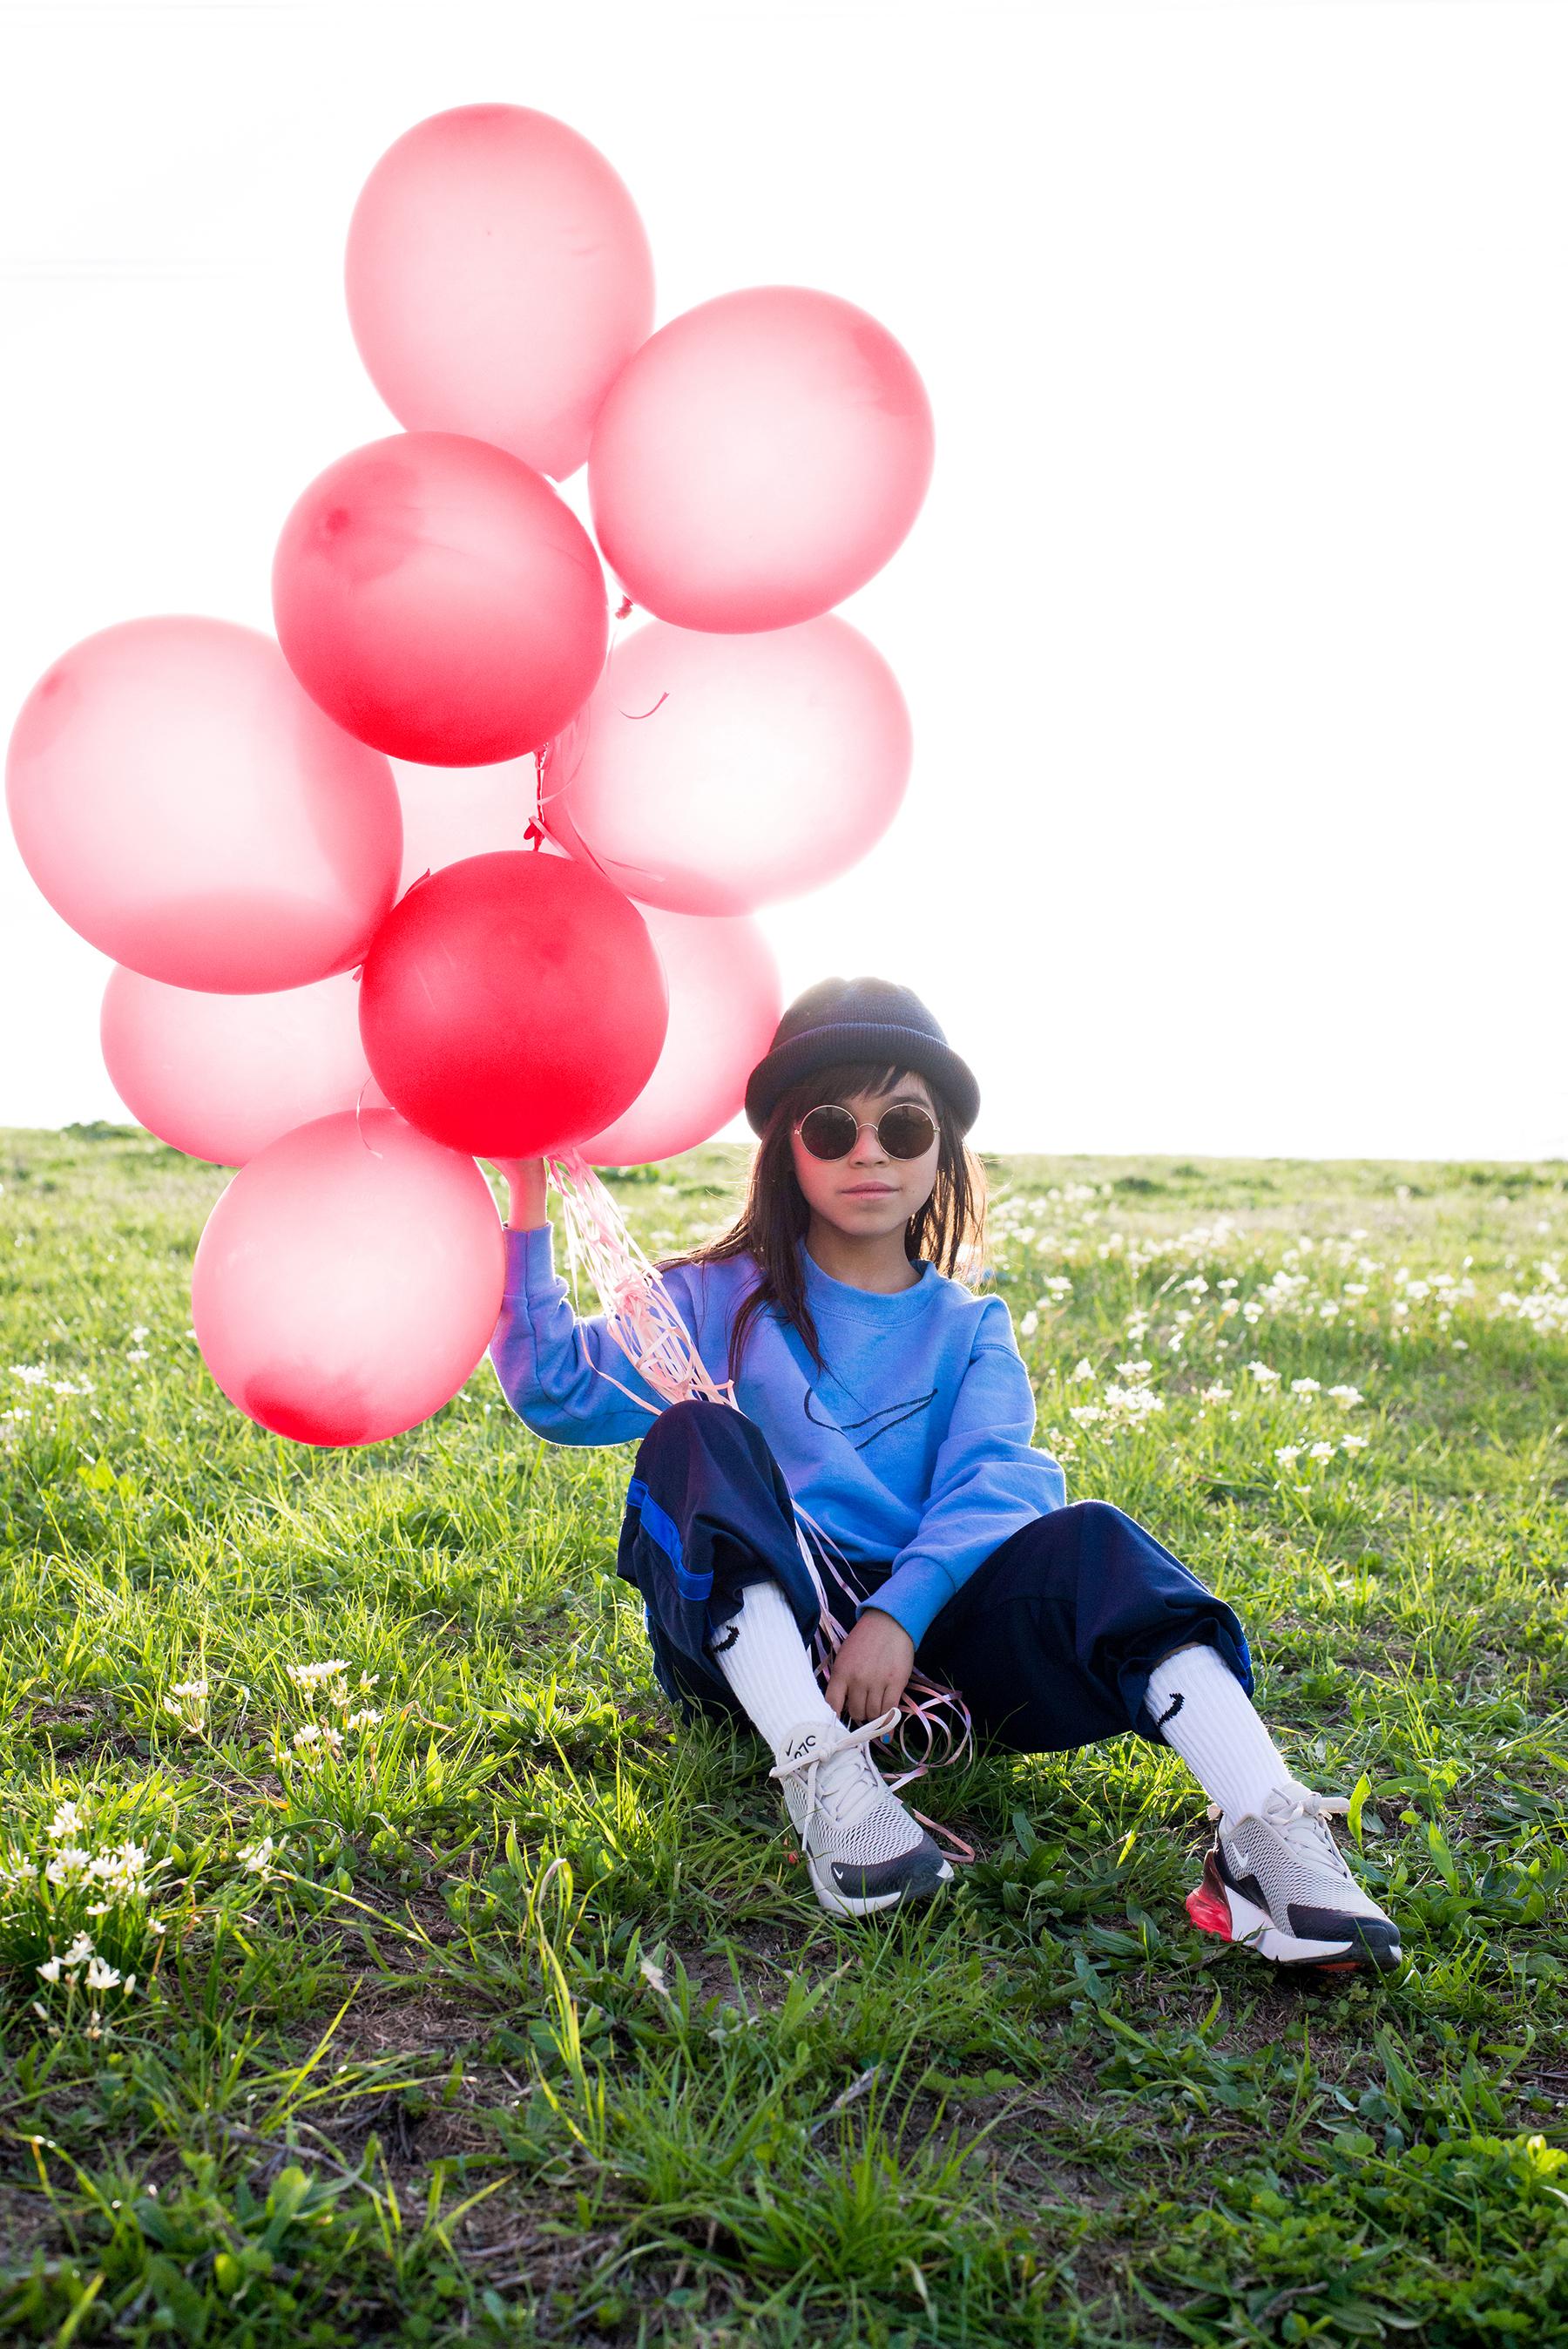 balloons-final-alternate-3.jpg